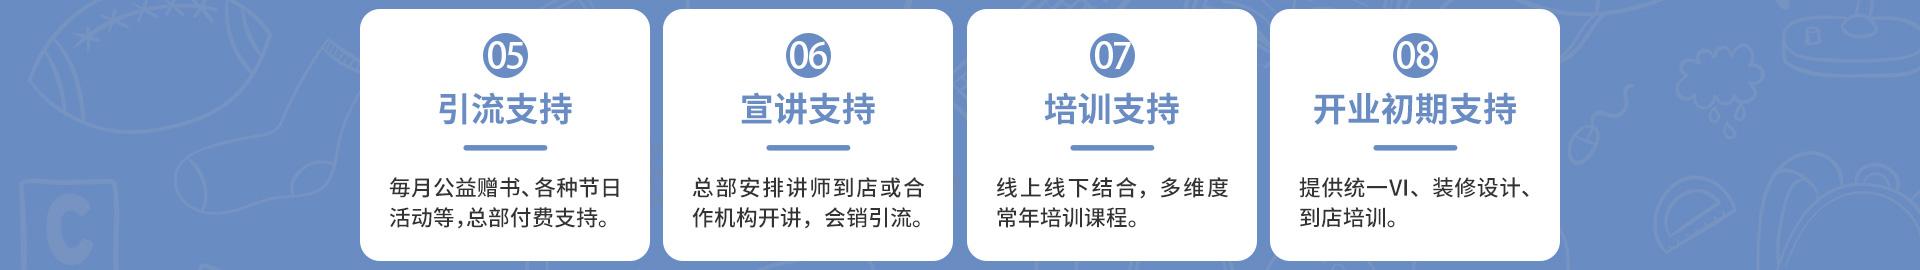 快乐书童阅读馆PC-快乐书童-许小琥_22